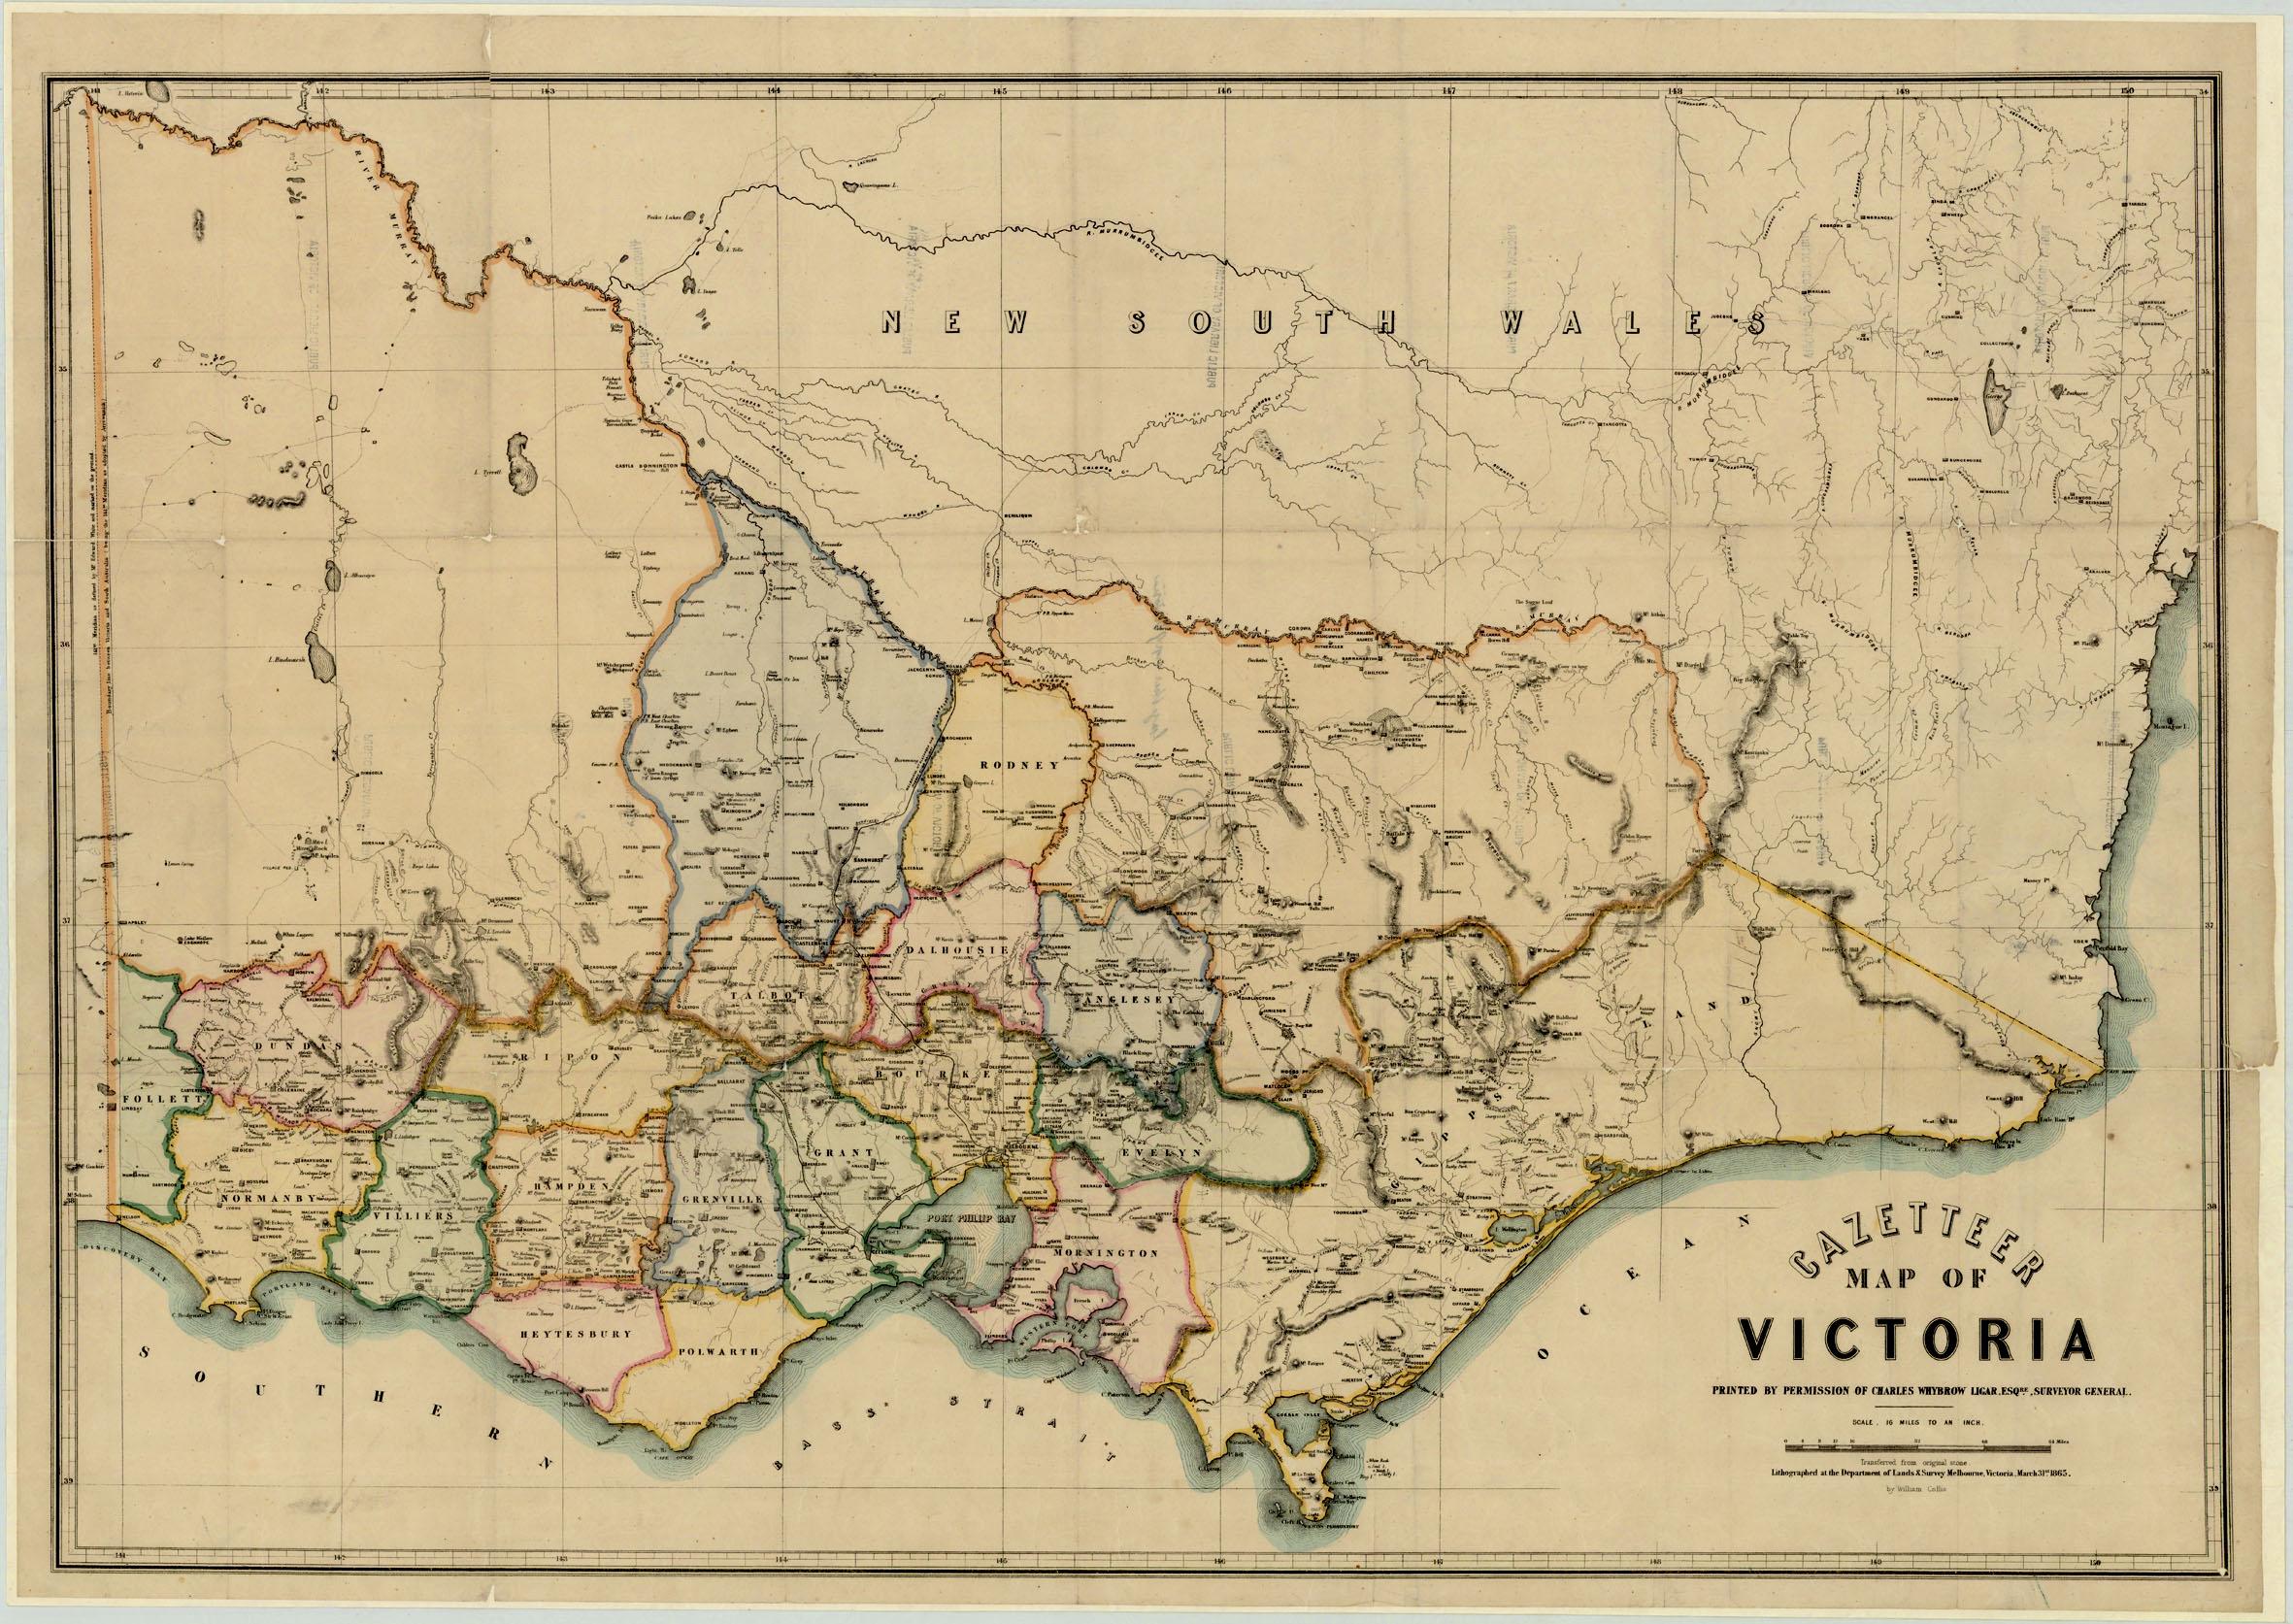 Gazetteer map of Victoria